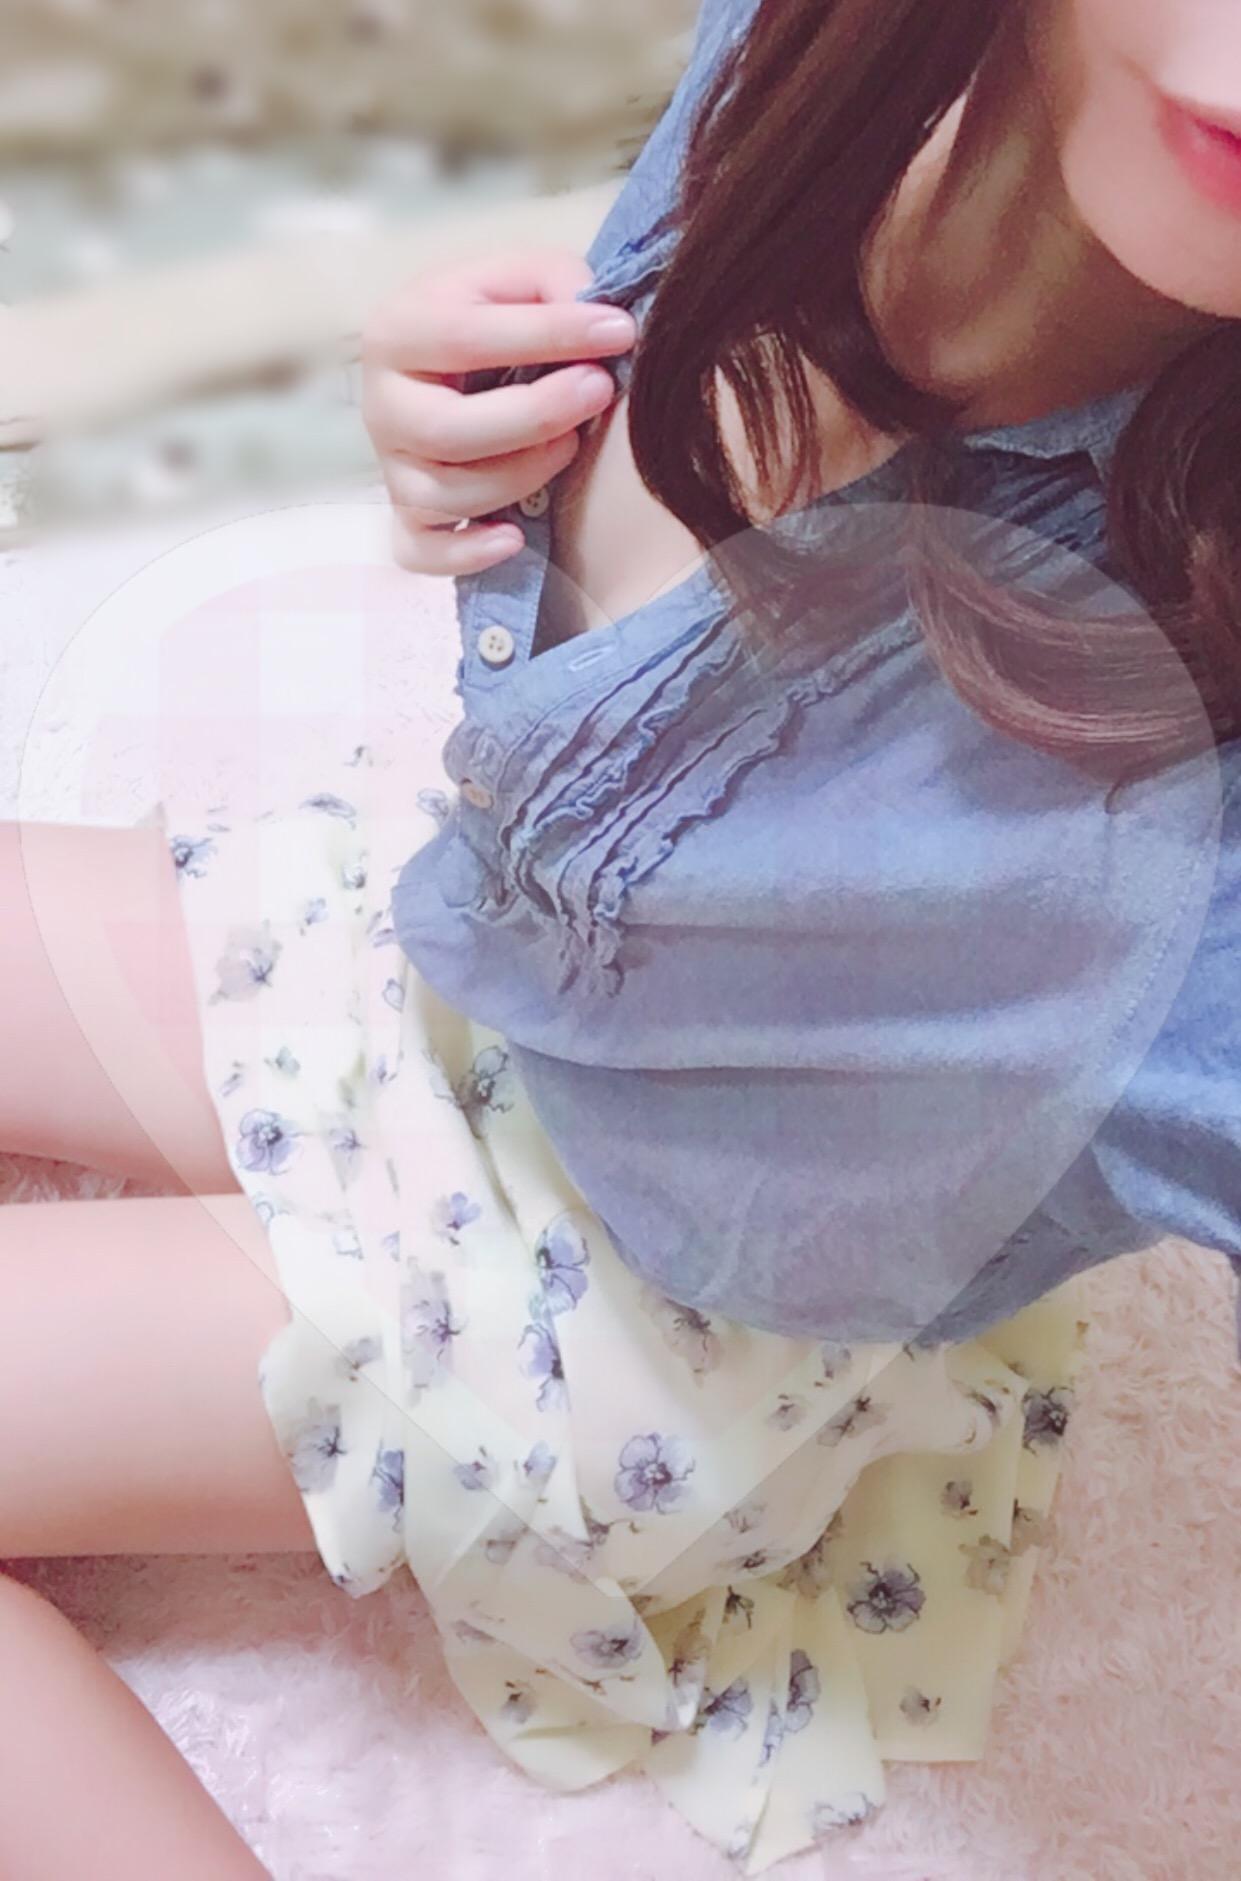 「こんにちわ」07/20(金) 20:29 | 藤井じゅんの写メ・風俗動画